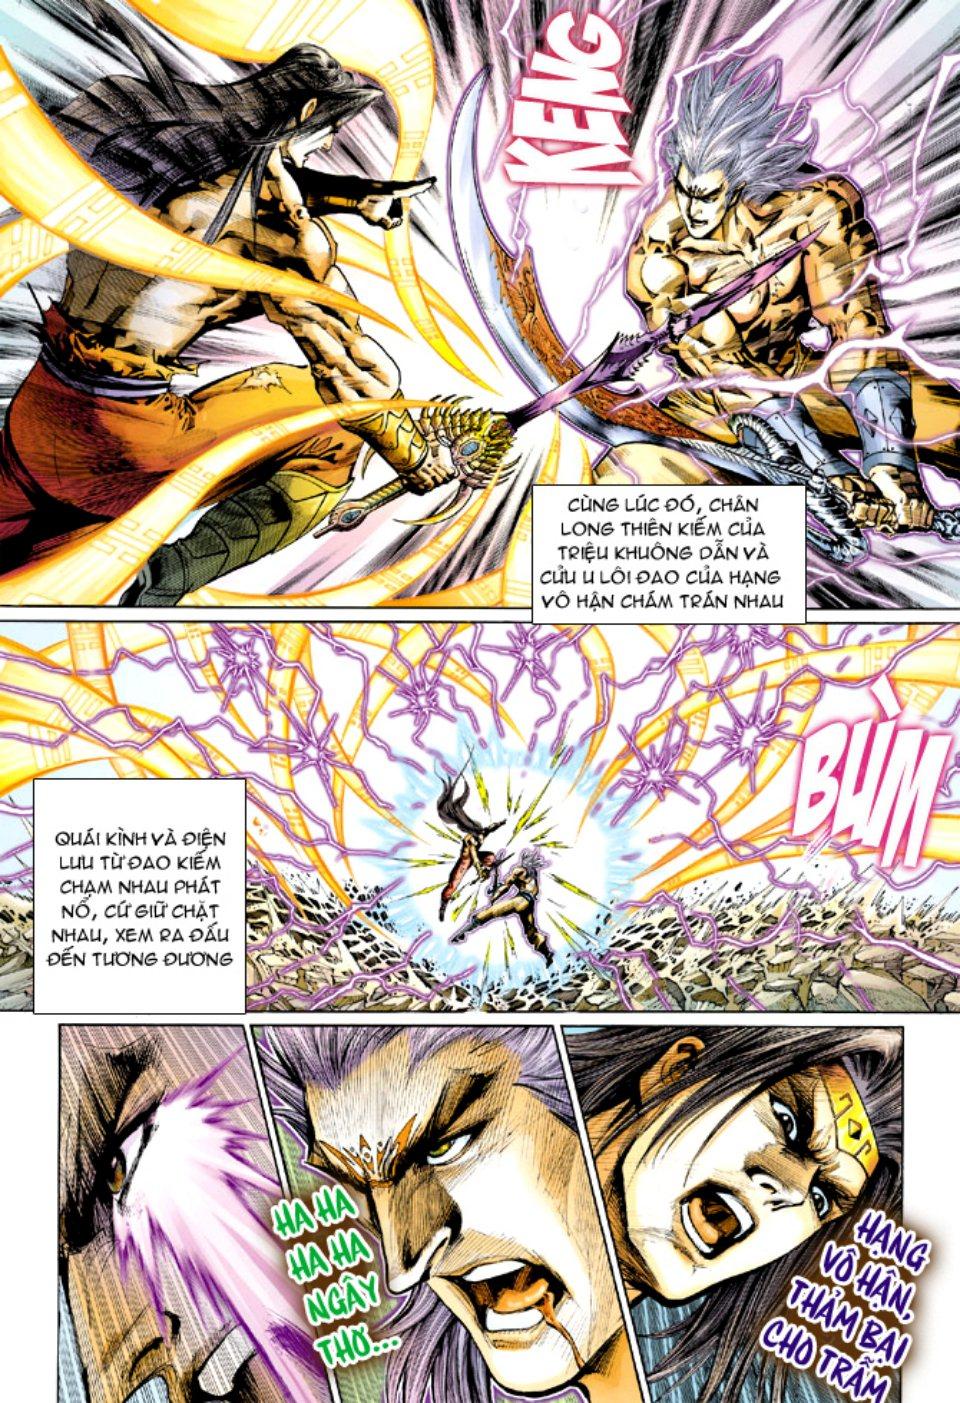 Thiên Tử Truyền Kỳ 5 – Như Lai Thần Chưởng chap 214 – End Trang 6 - Mangak.info